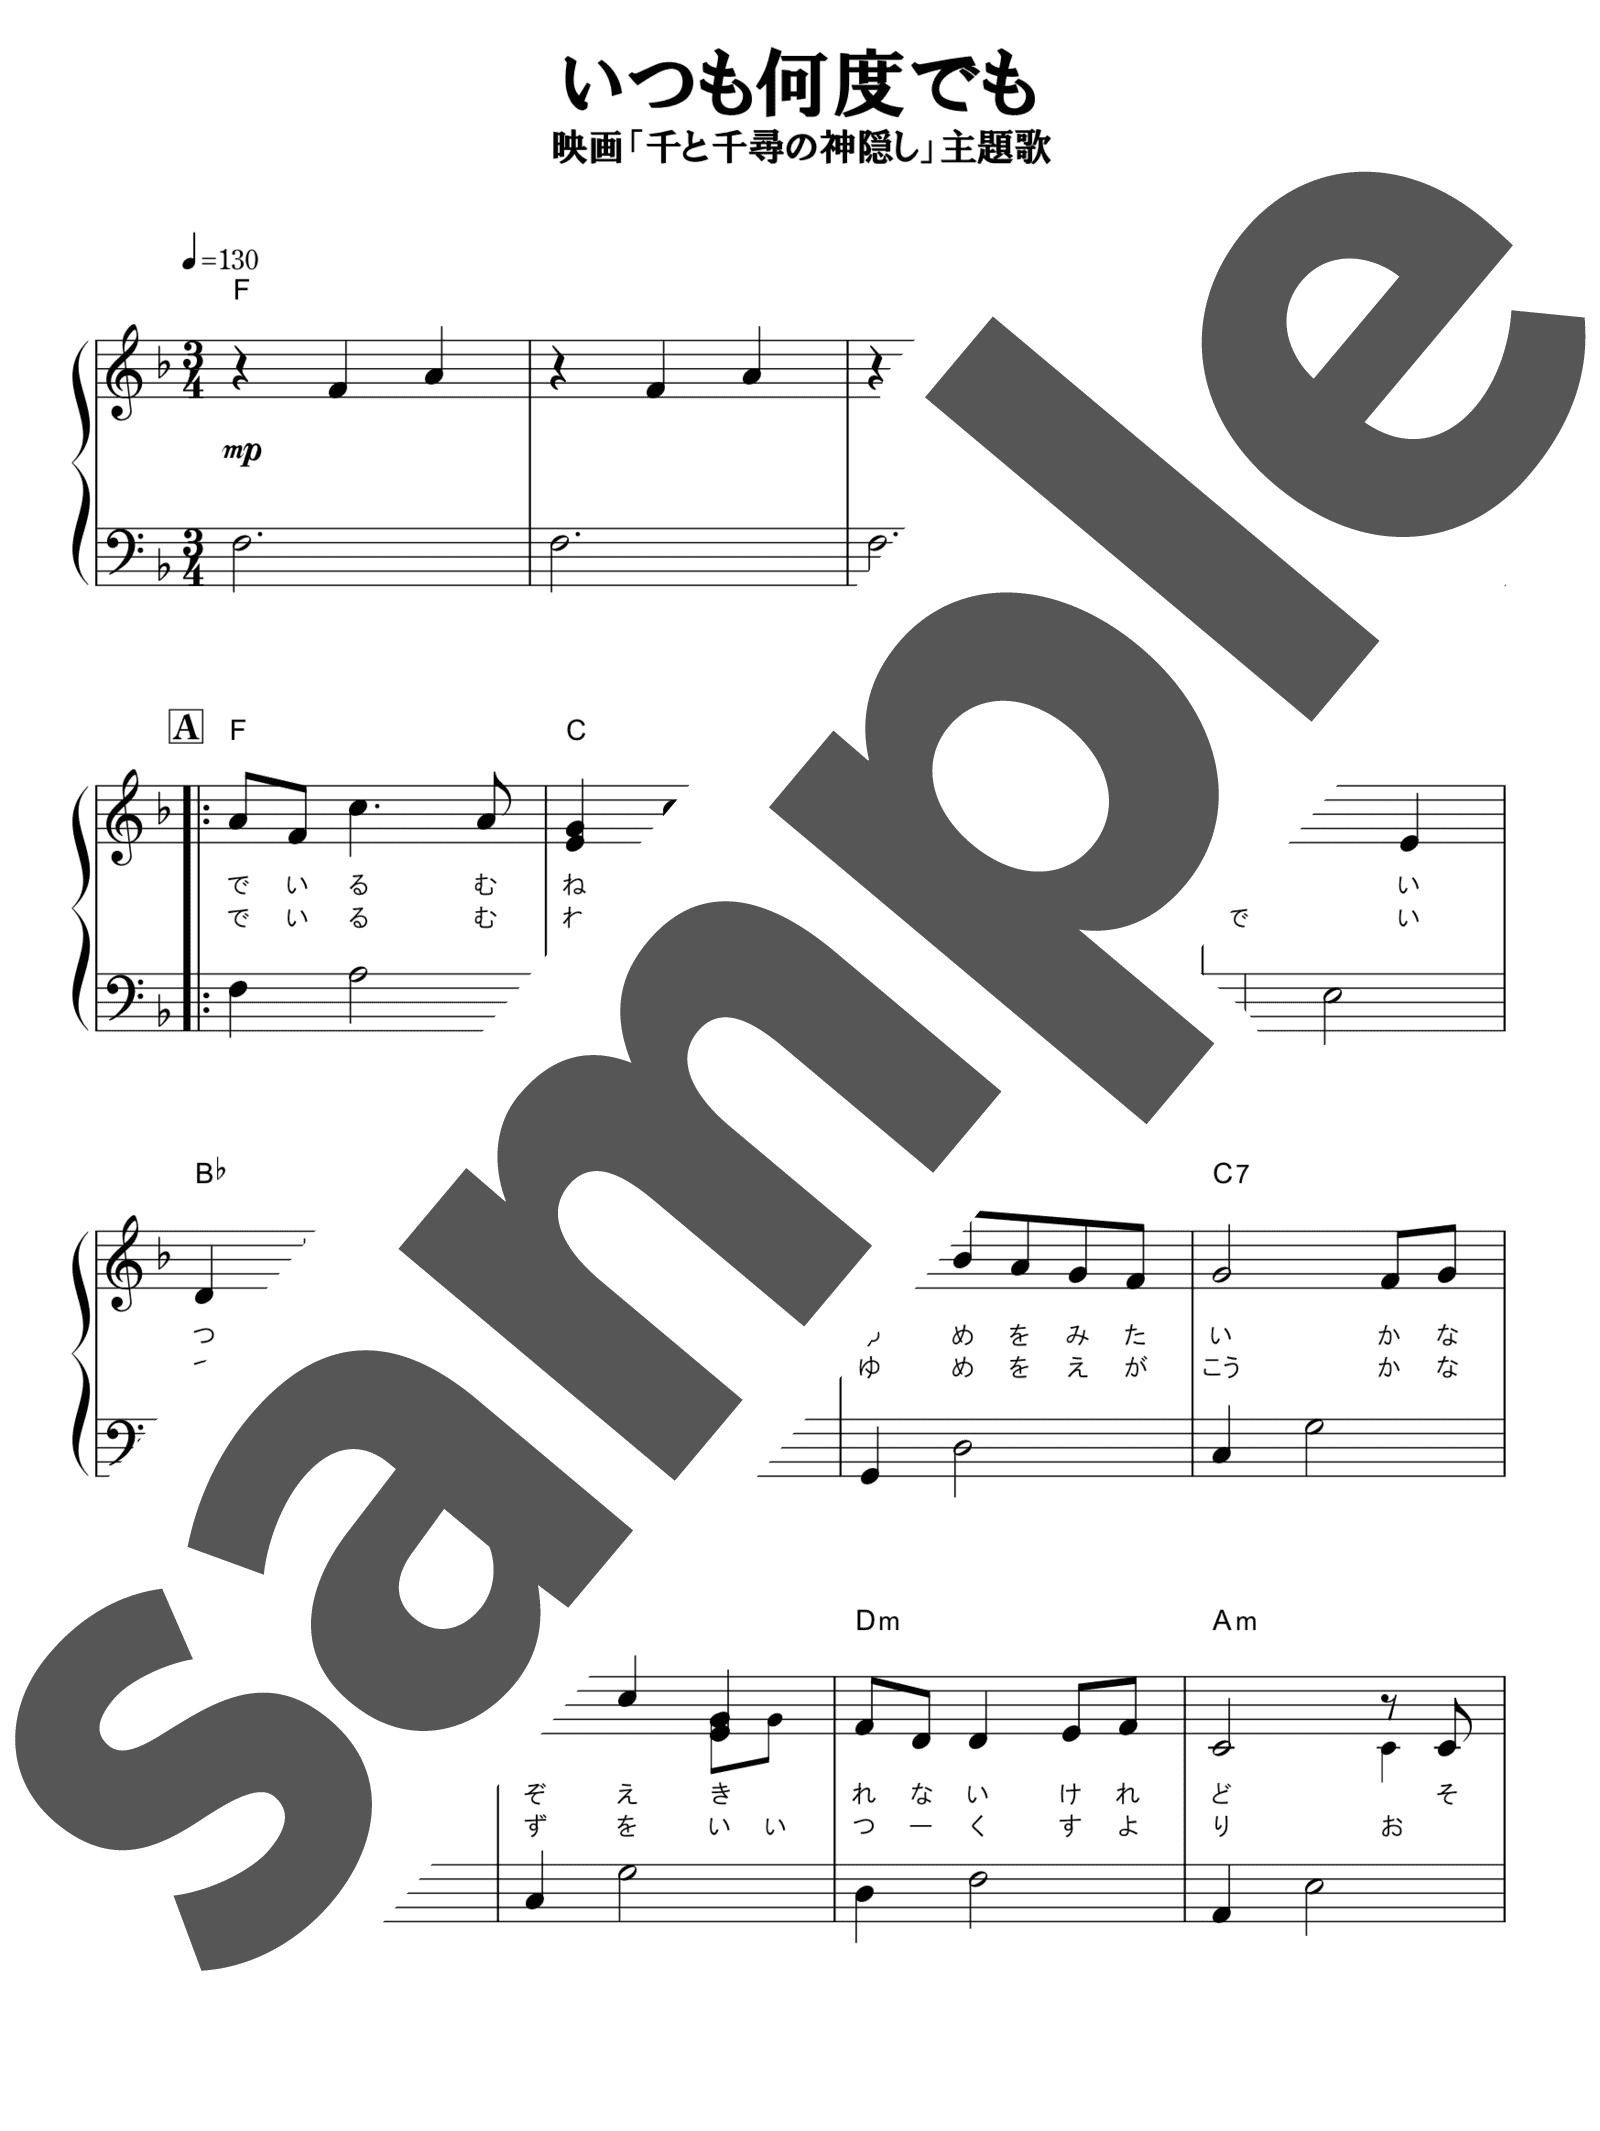 「いつも何度でも」のサンプル楽譜